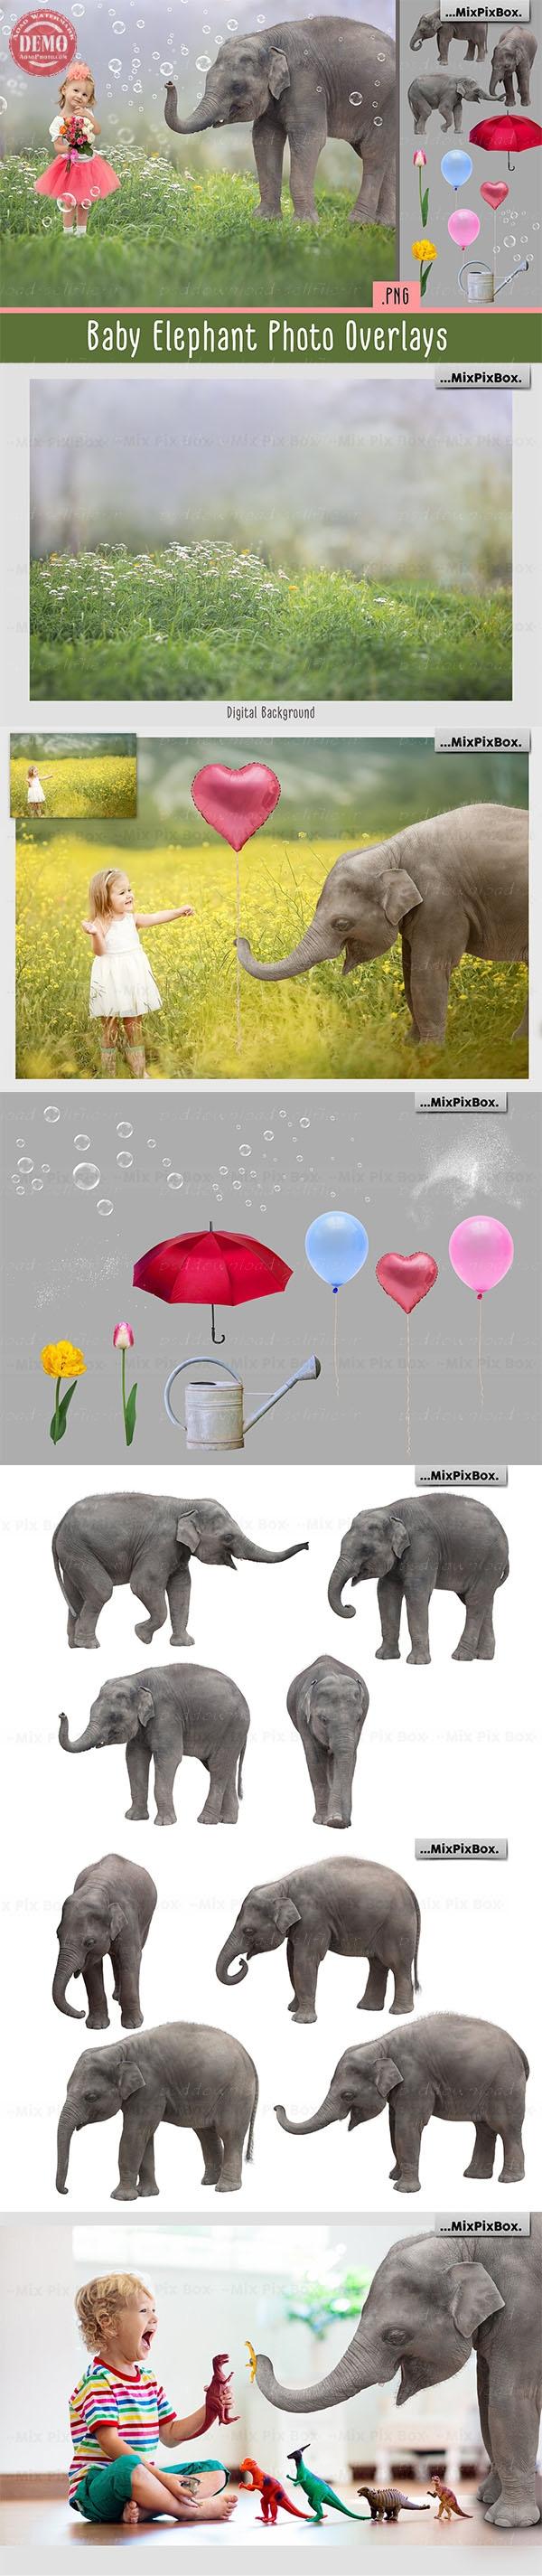 افکت فیل